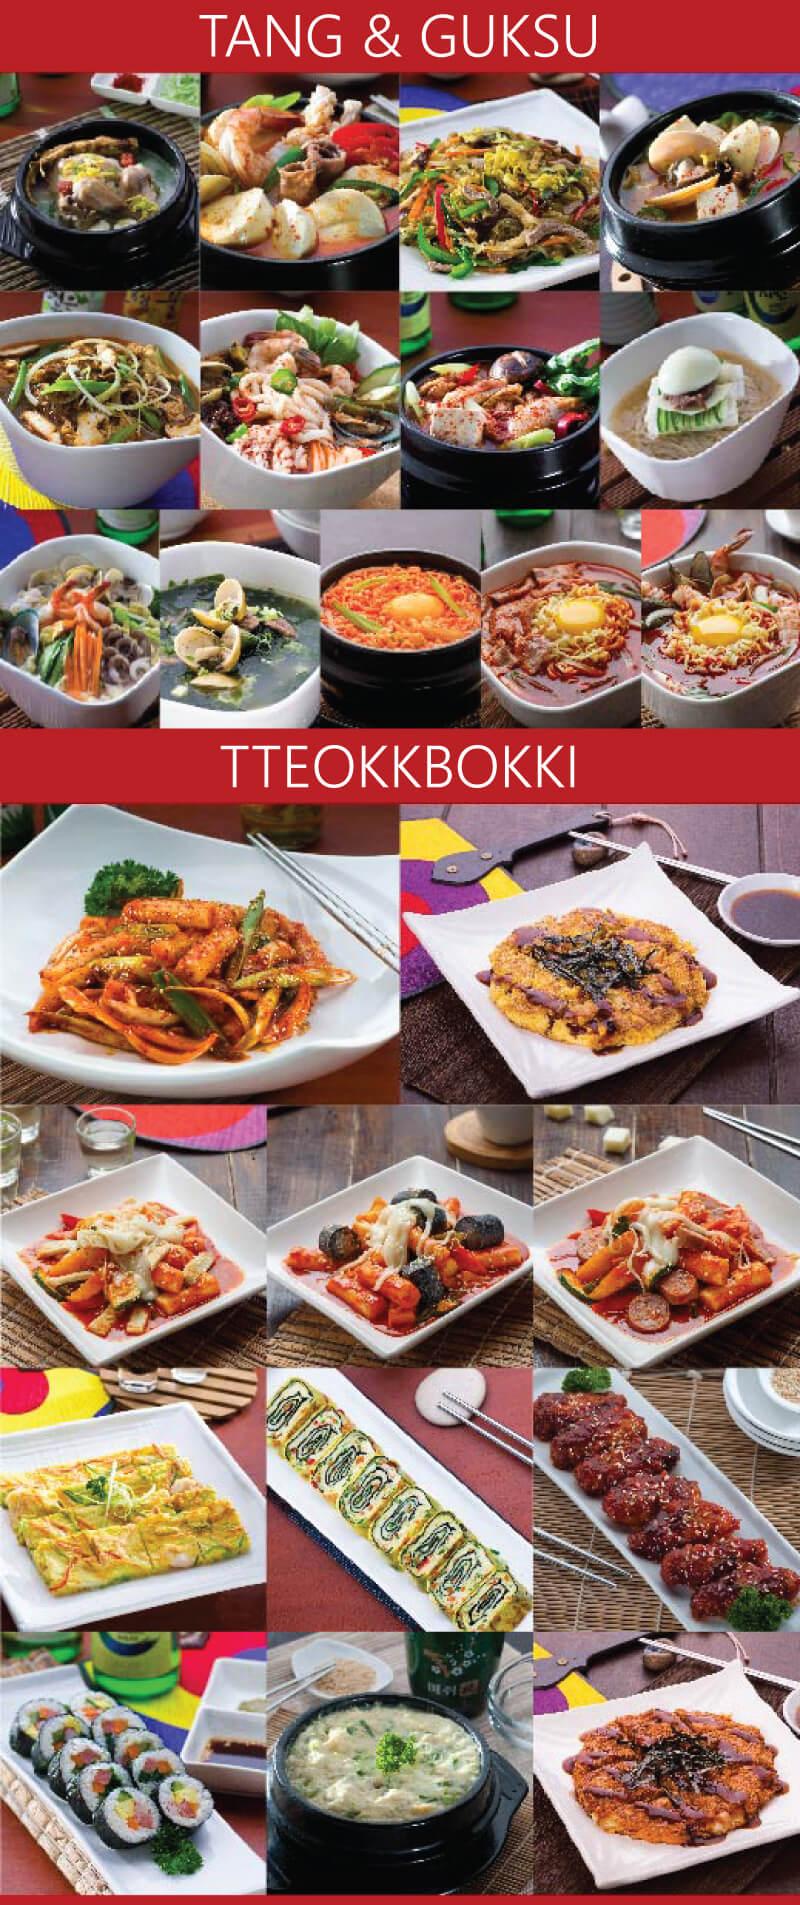 brosur paket usaha franchise restoran korea